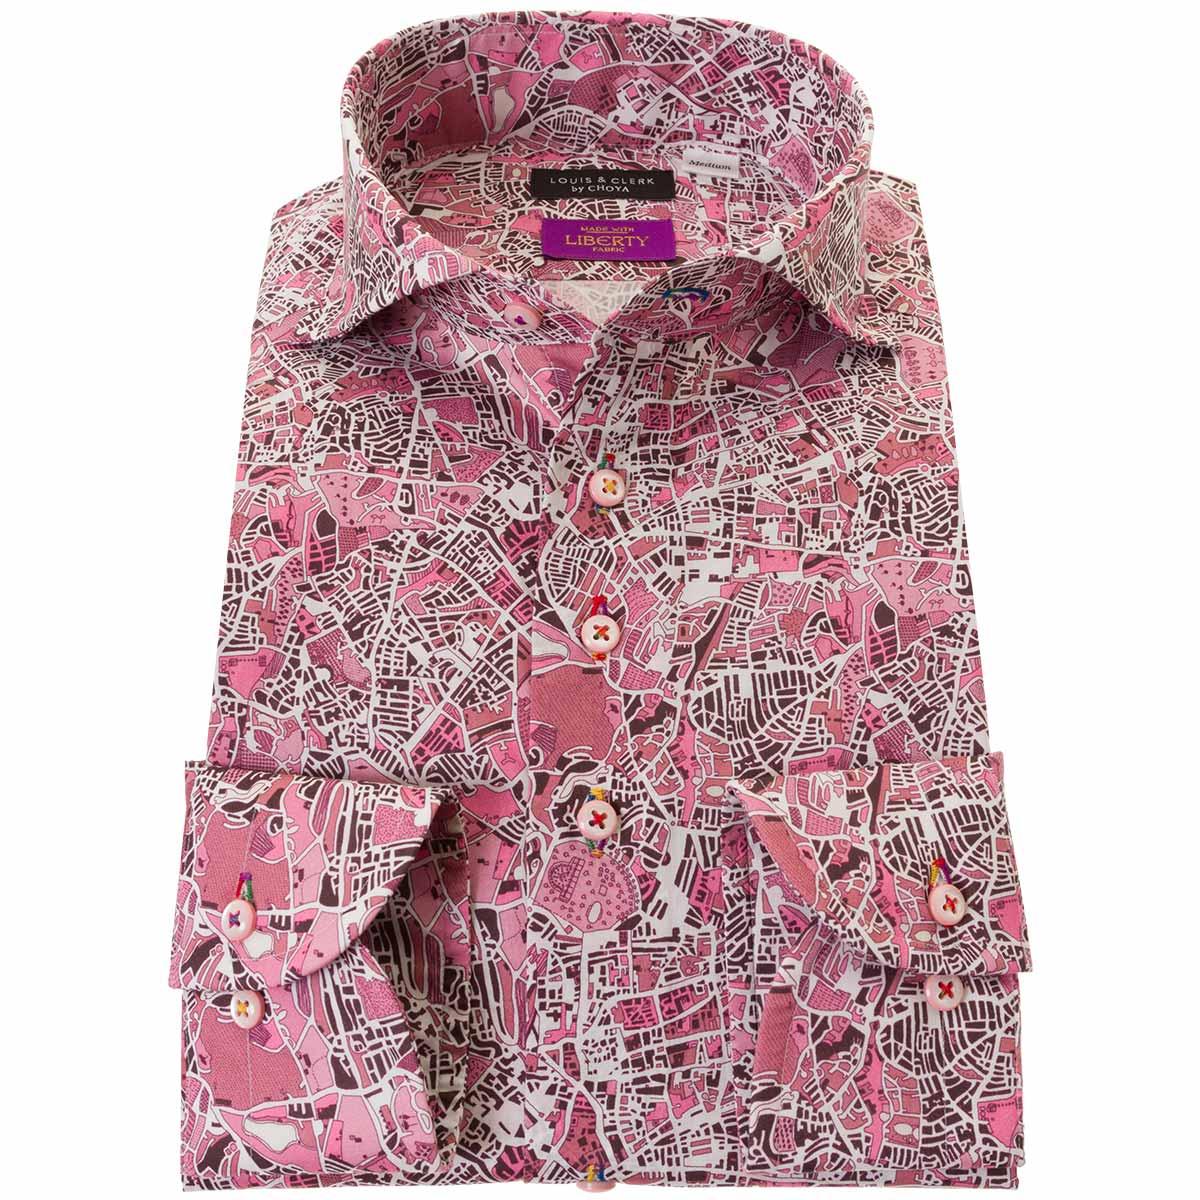 ドレスシャツ ワイシャツ シャツ メンズ リバティプリント 国産 長袖 コンフォート カッタウェイワイド 胸ポケット無 ロンドン・フィールズ タナローン